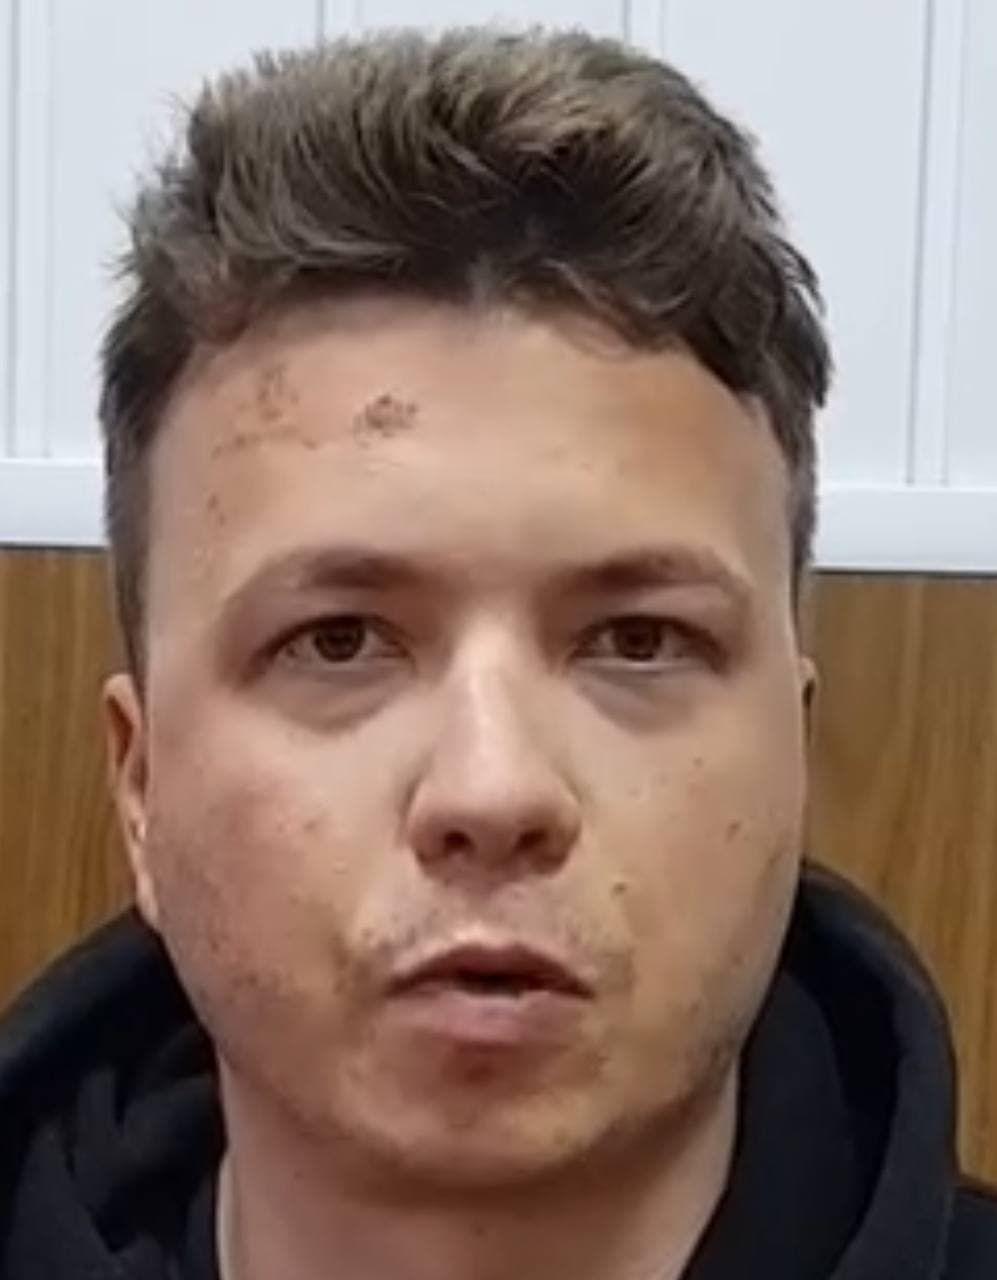 Белорусские силовики показали задержанного Романа Протасевича  - фото 2